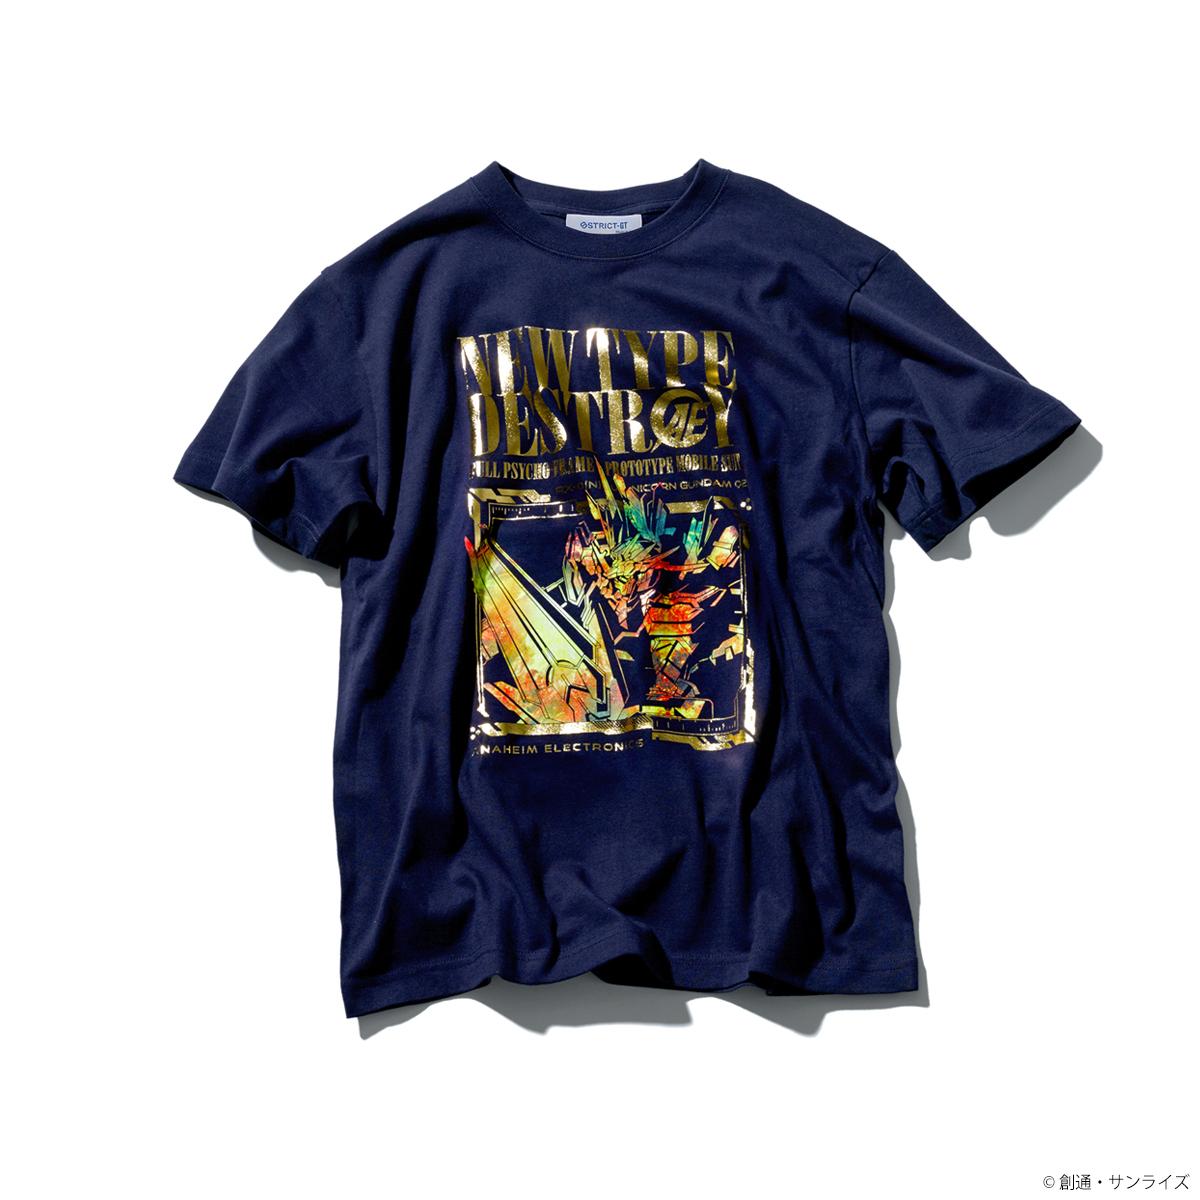 『機動戦士ガンダムUC』カプセルコレクション、SPACE & EARTH 3月14日(土)より発売開始!